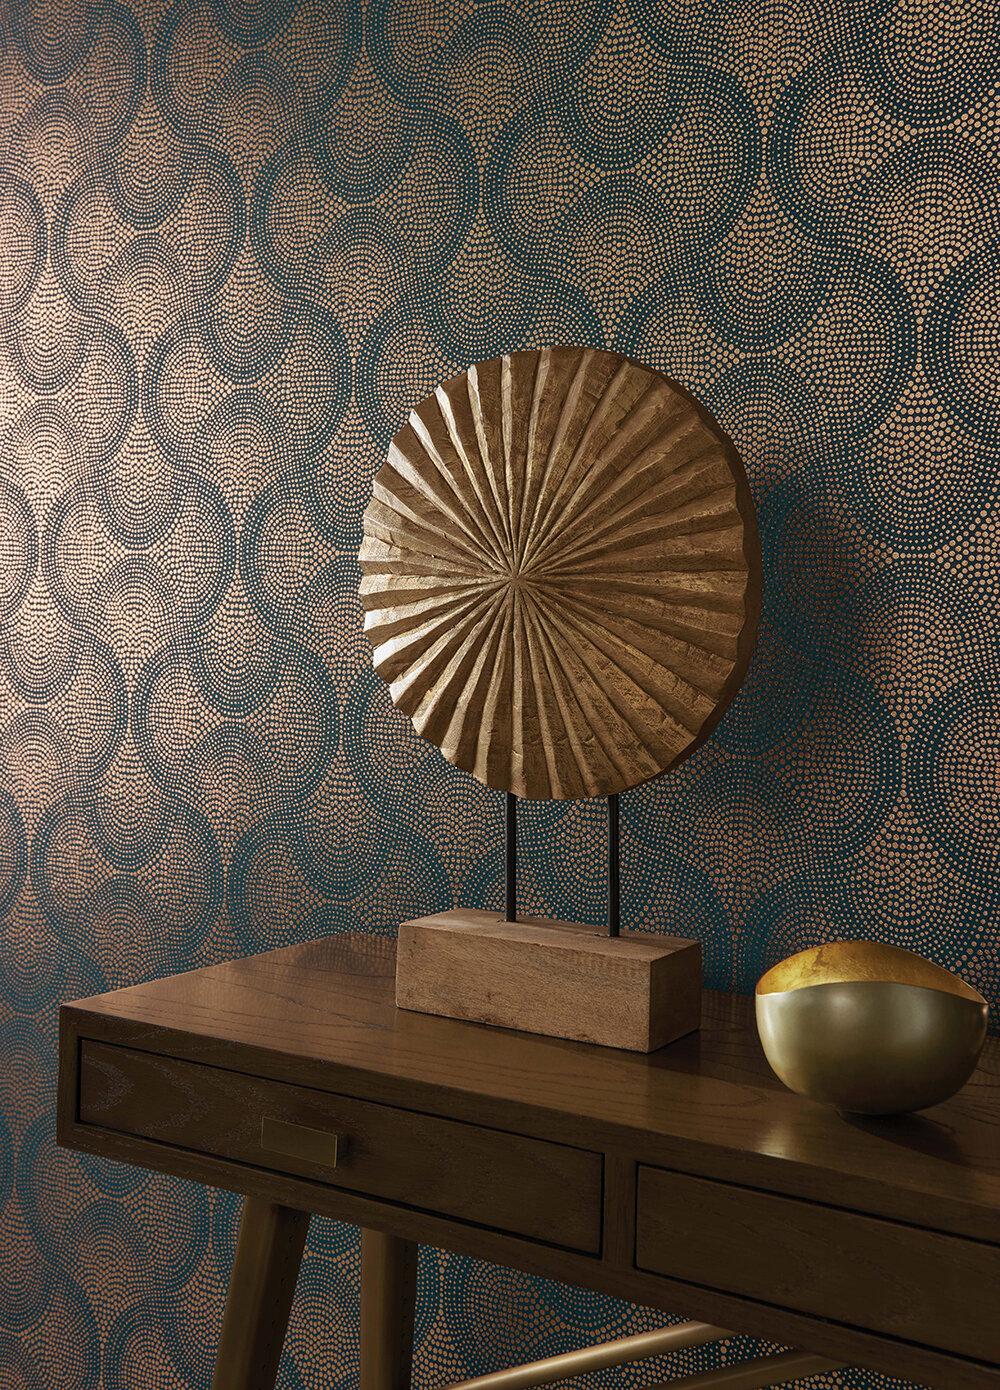 Uroko Wallpaper - Teal/ Copper - by Osborne & Little